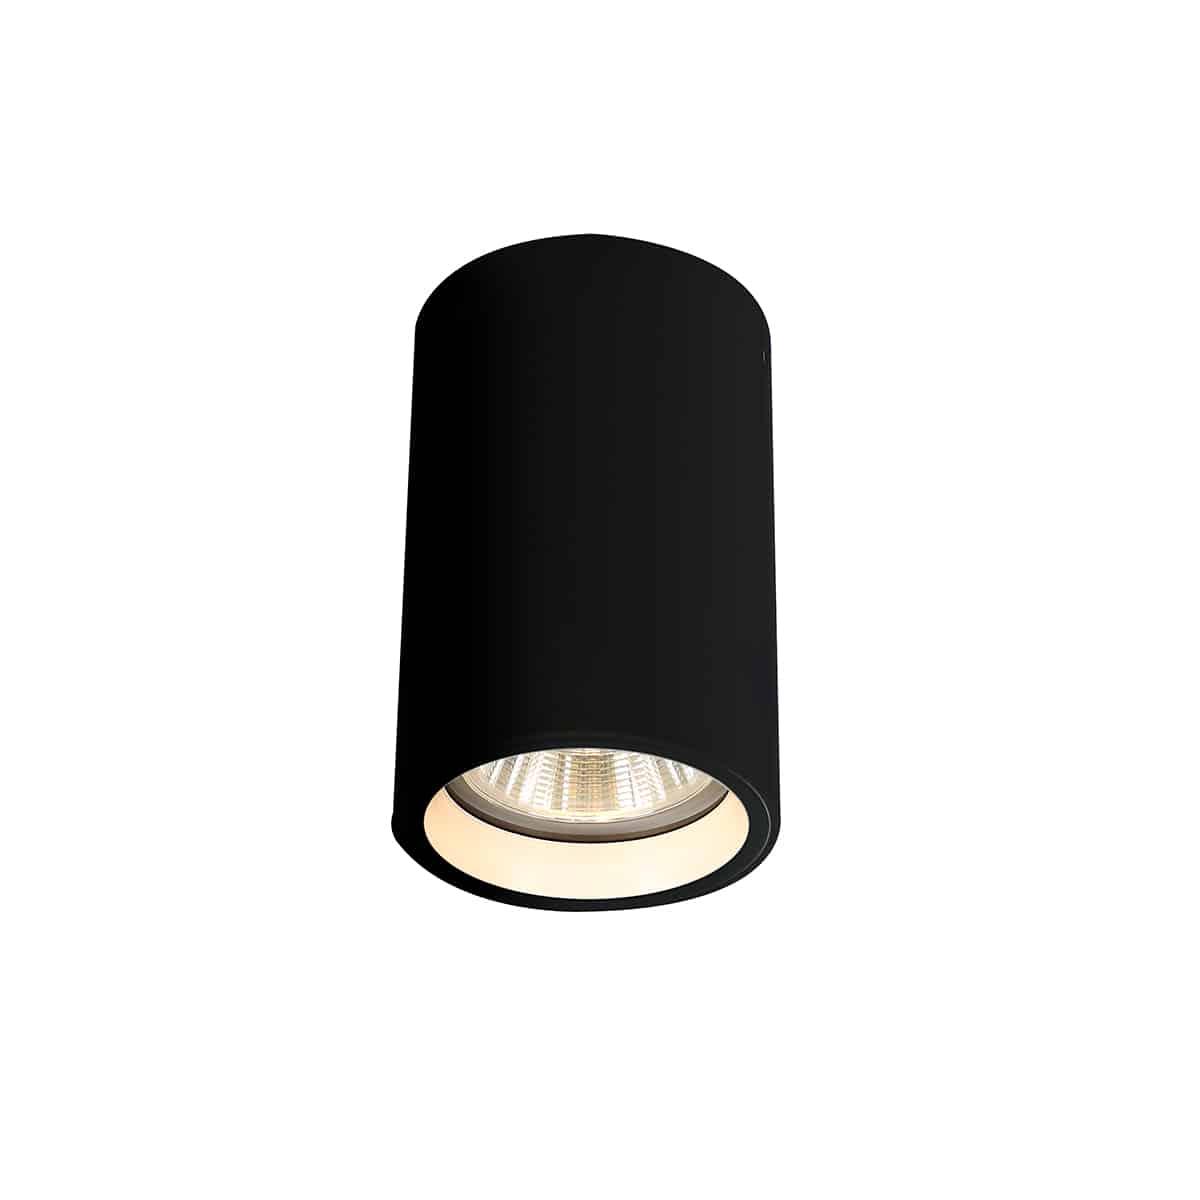 גוף תאורה לתקרה מוגן מים צילינדר שחור מתאים לתאורת חוץ